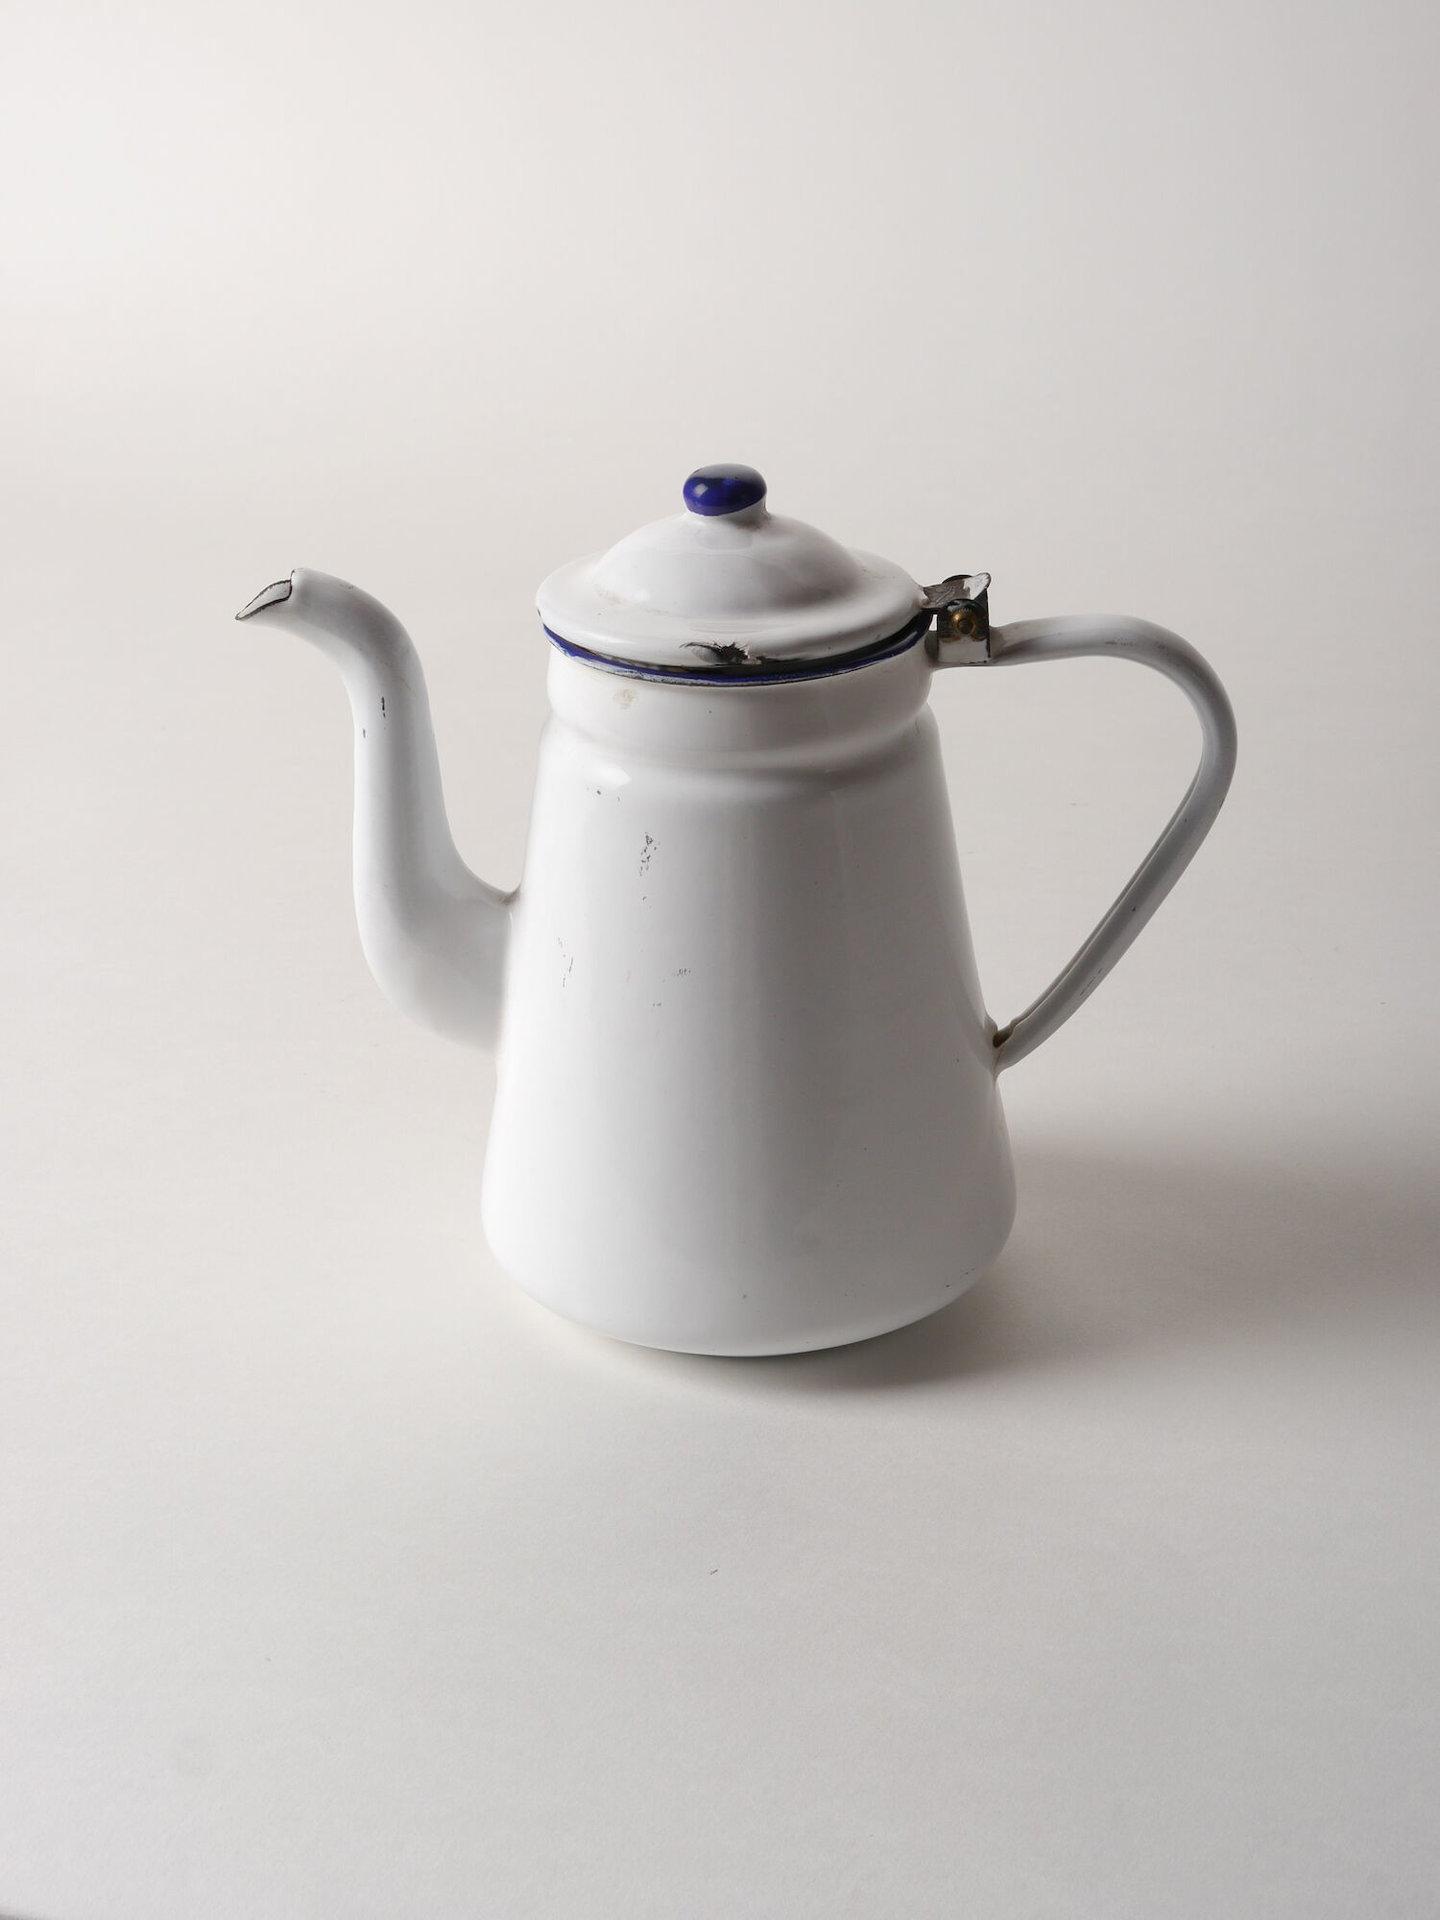 Geëmailleerde kan voor koffie van het merk Reservoir